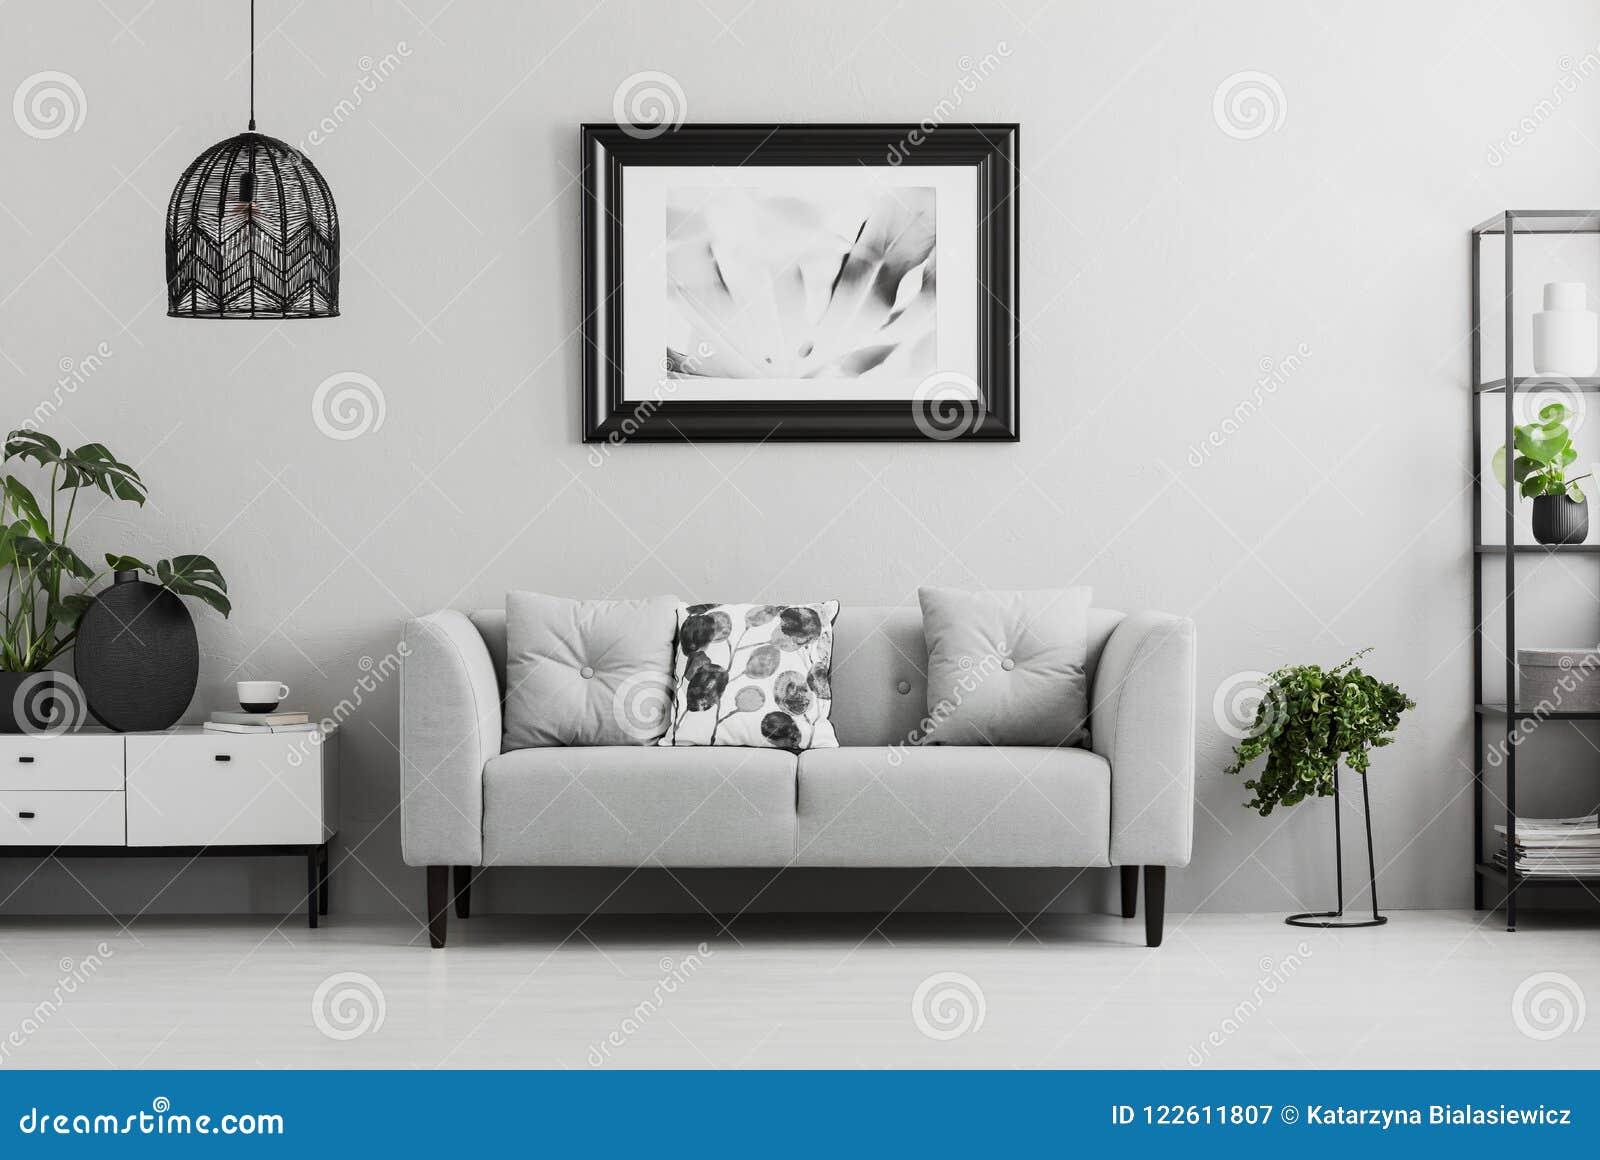 Czarny przemysłowy bookcase i roślina stojak dla kawowej zakładki obok wyścielanej kanapy w szarym żywym izbowym wnętrzu z miejsc